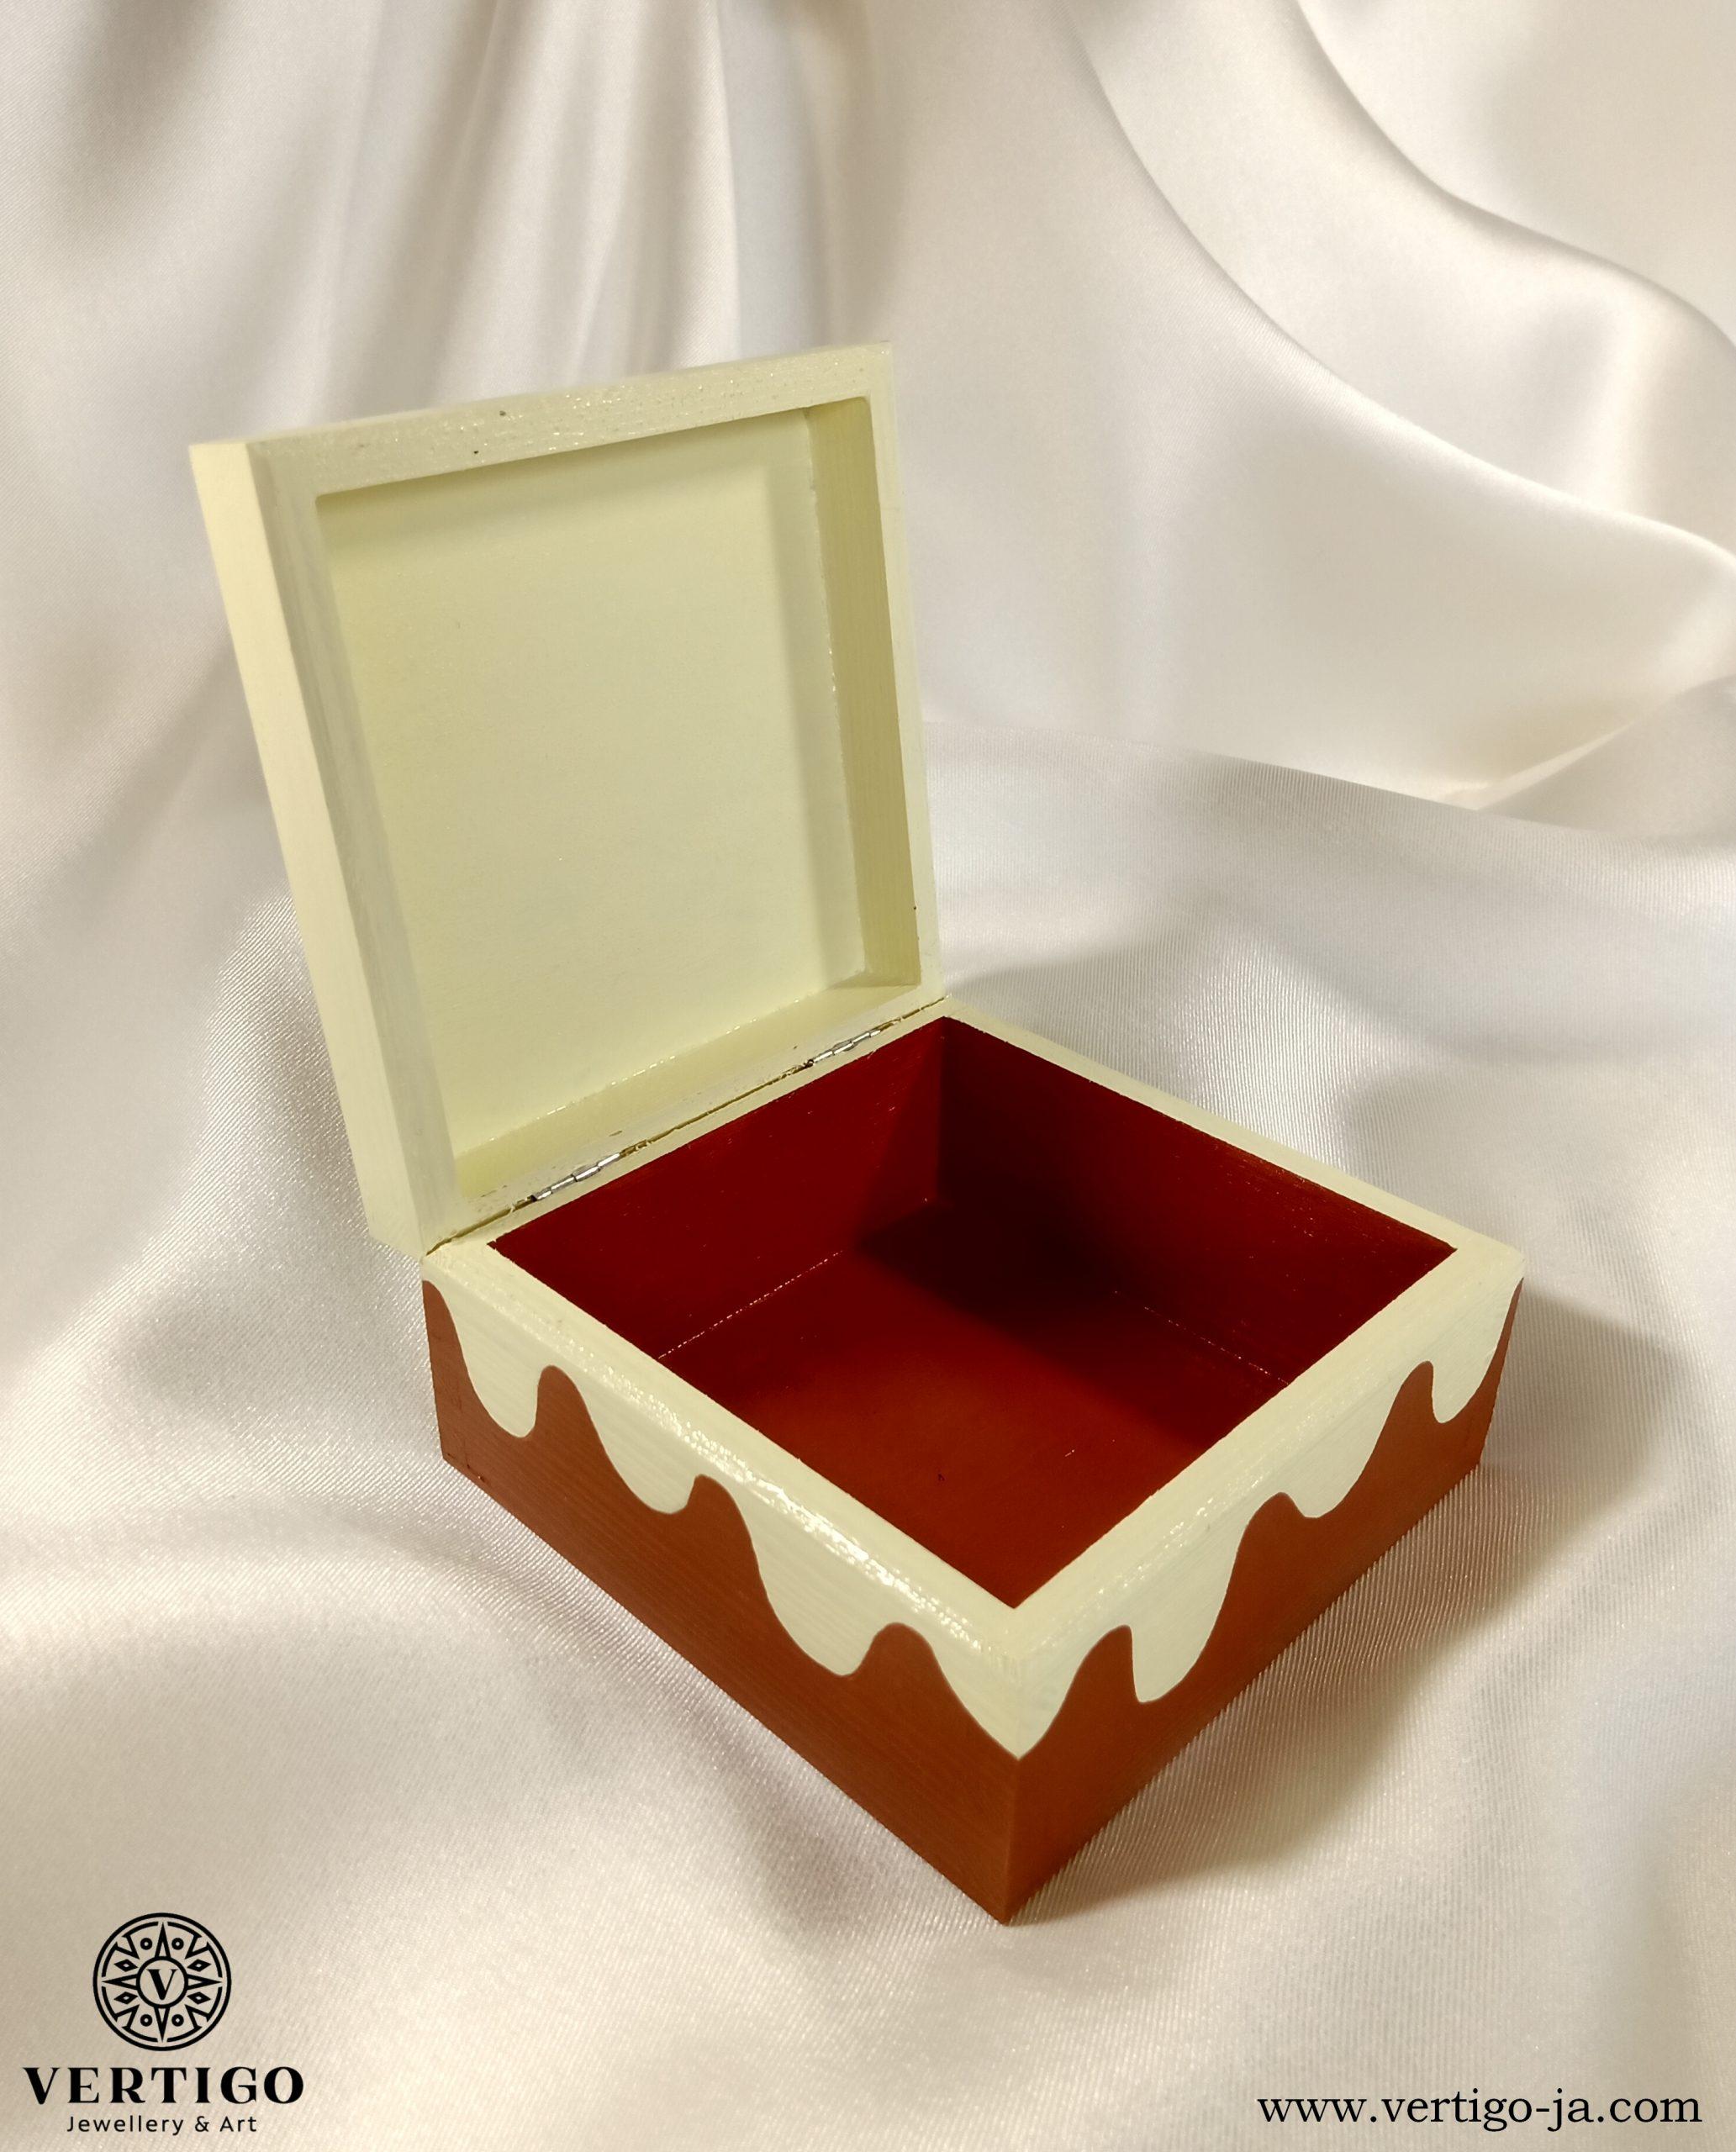 Wnętrze pudełka z pierniczkiem na lukrze